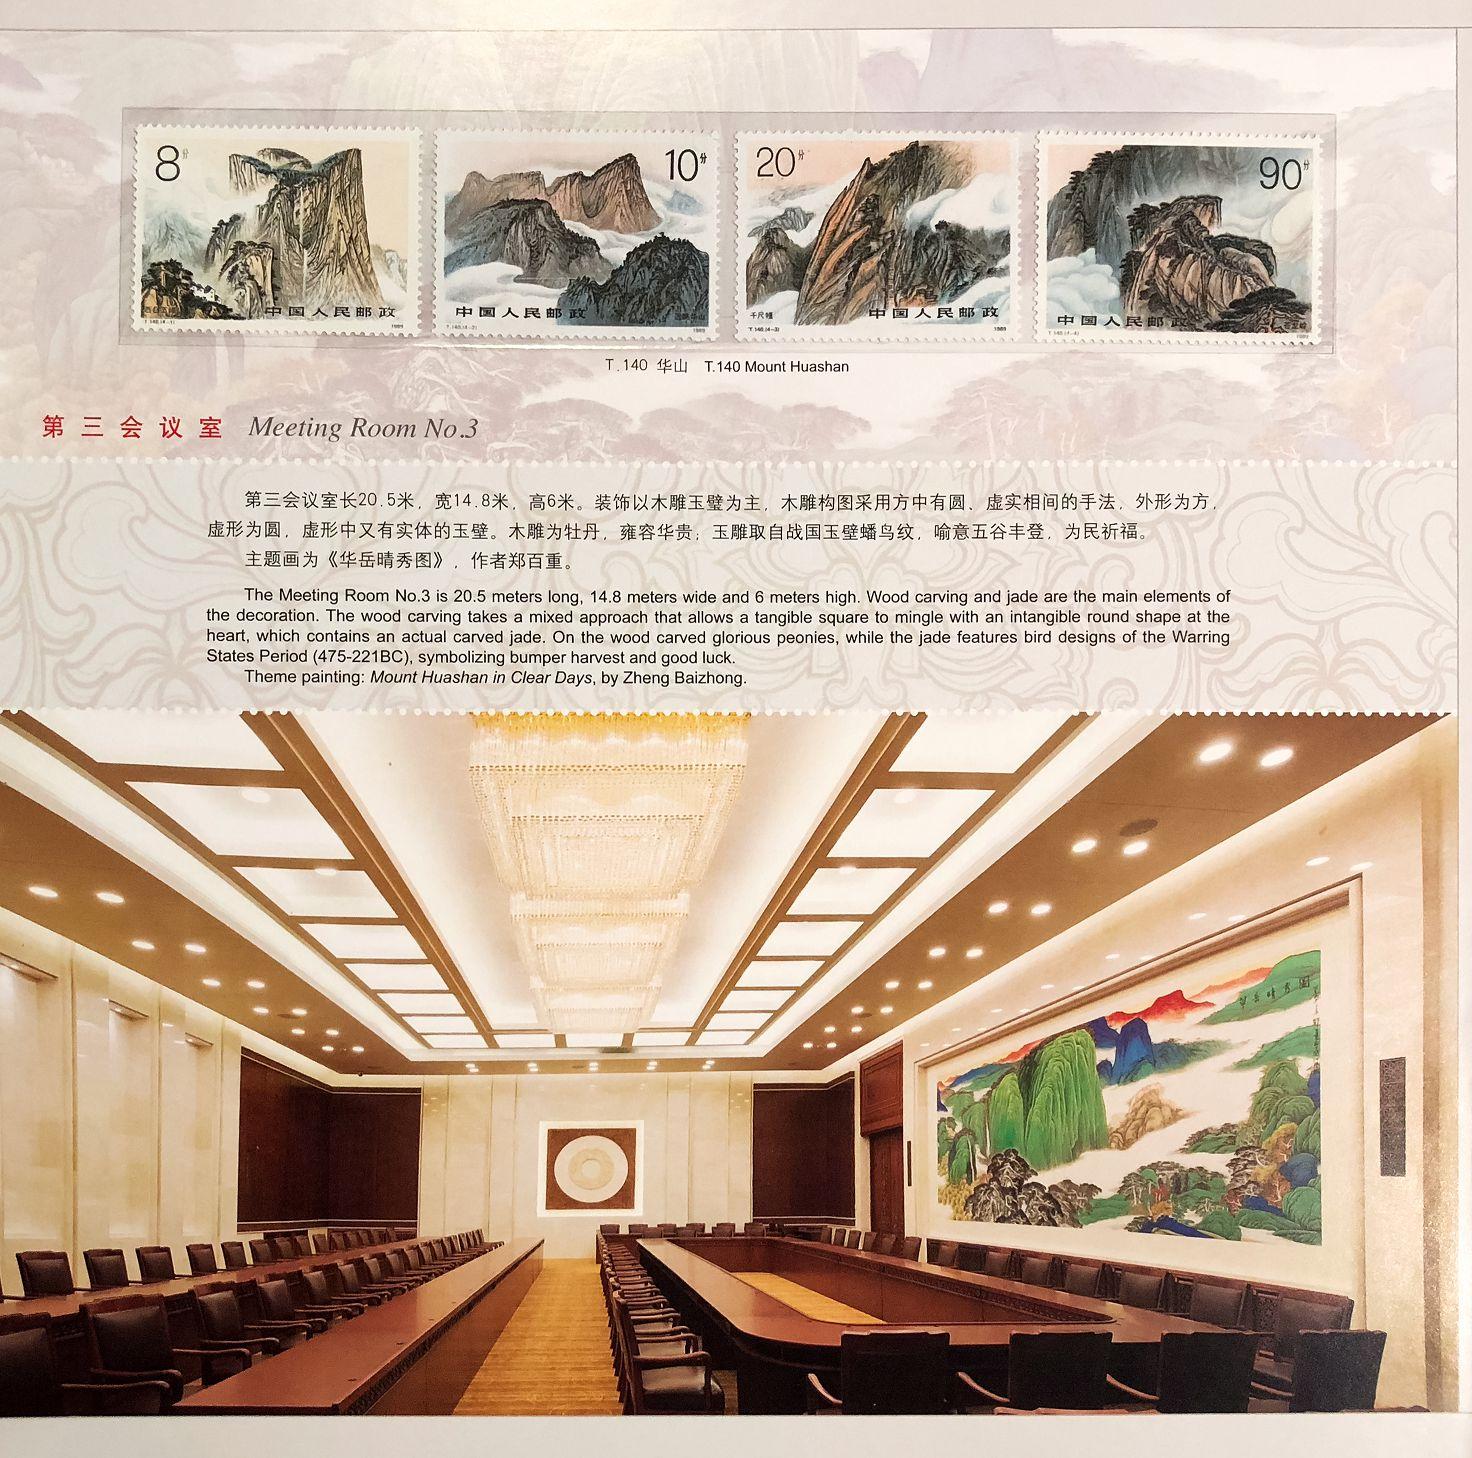 1-2_全國人大常會會議廳_紀念郵冊.jpg